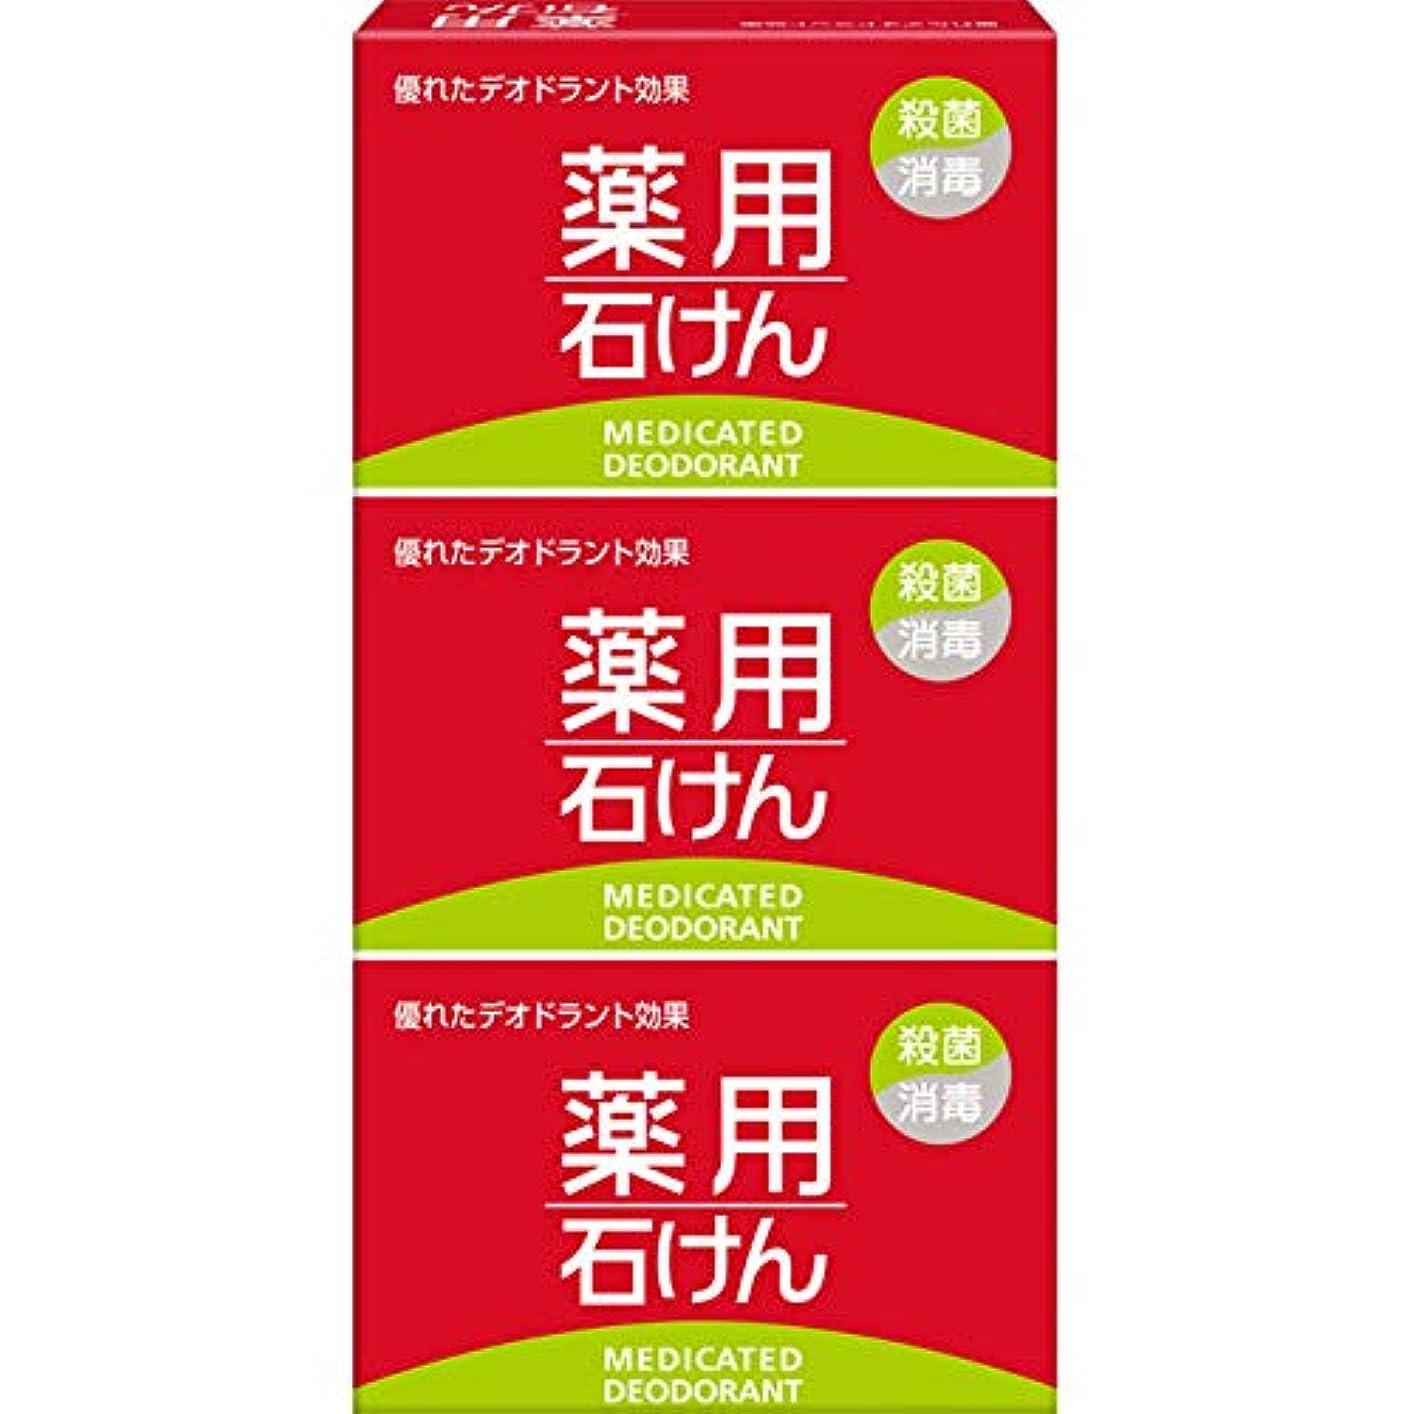 こどもの日メロディアス廃棄するMK 薬用石けん 100g×3個 (医薬部外品)